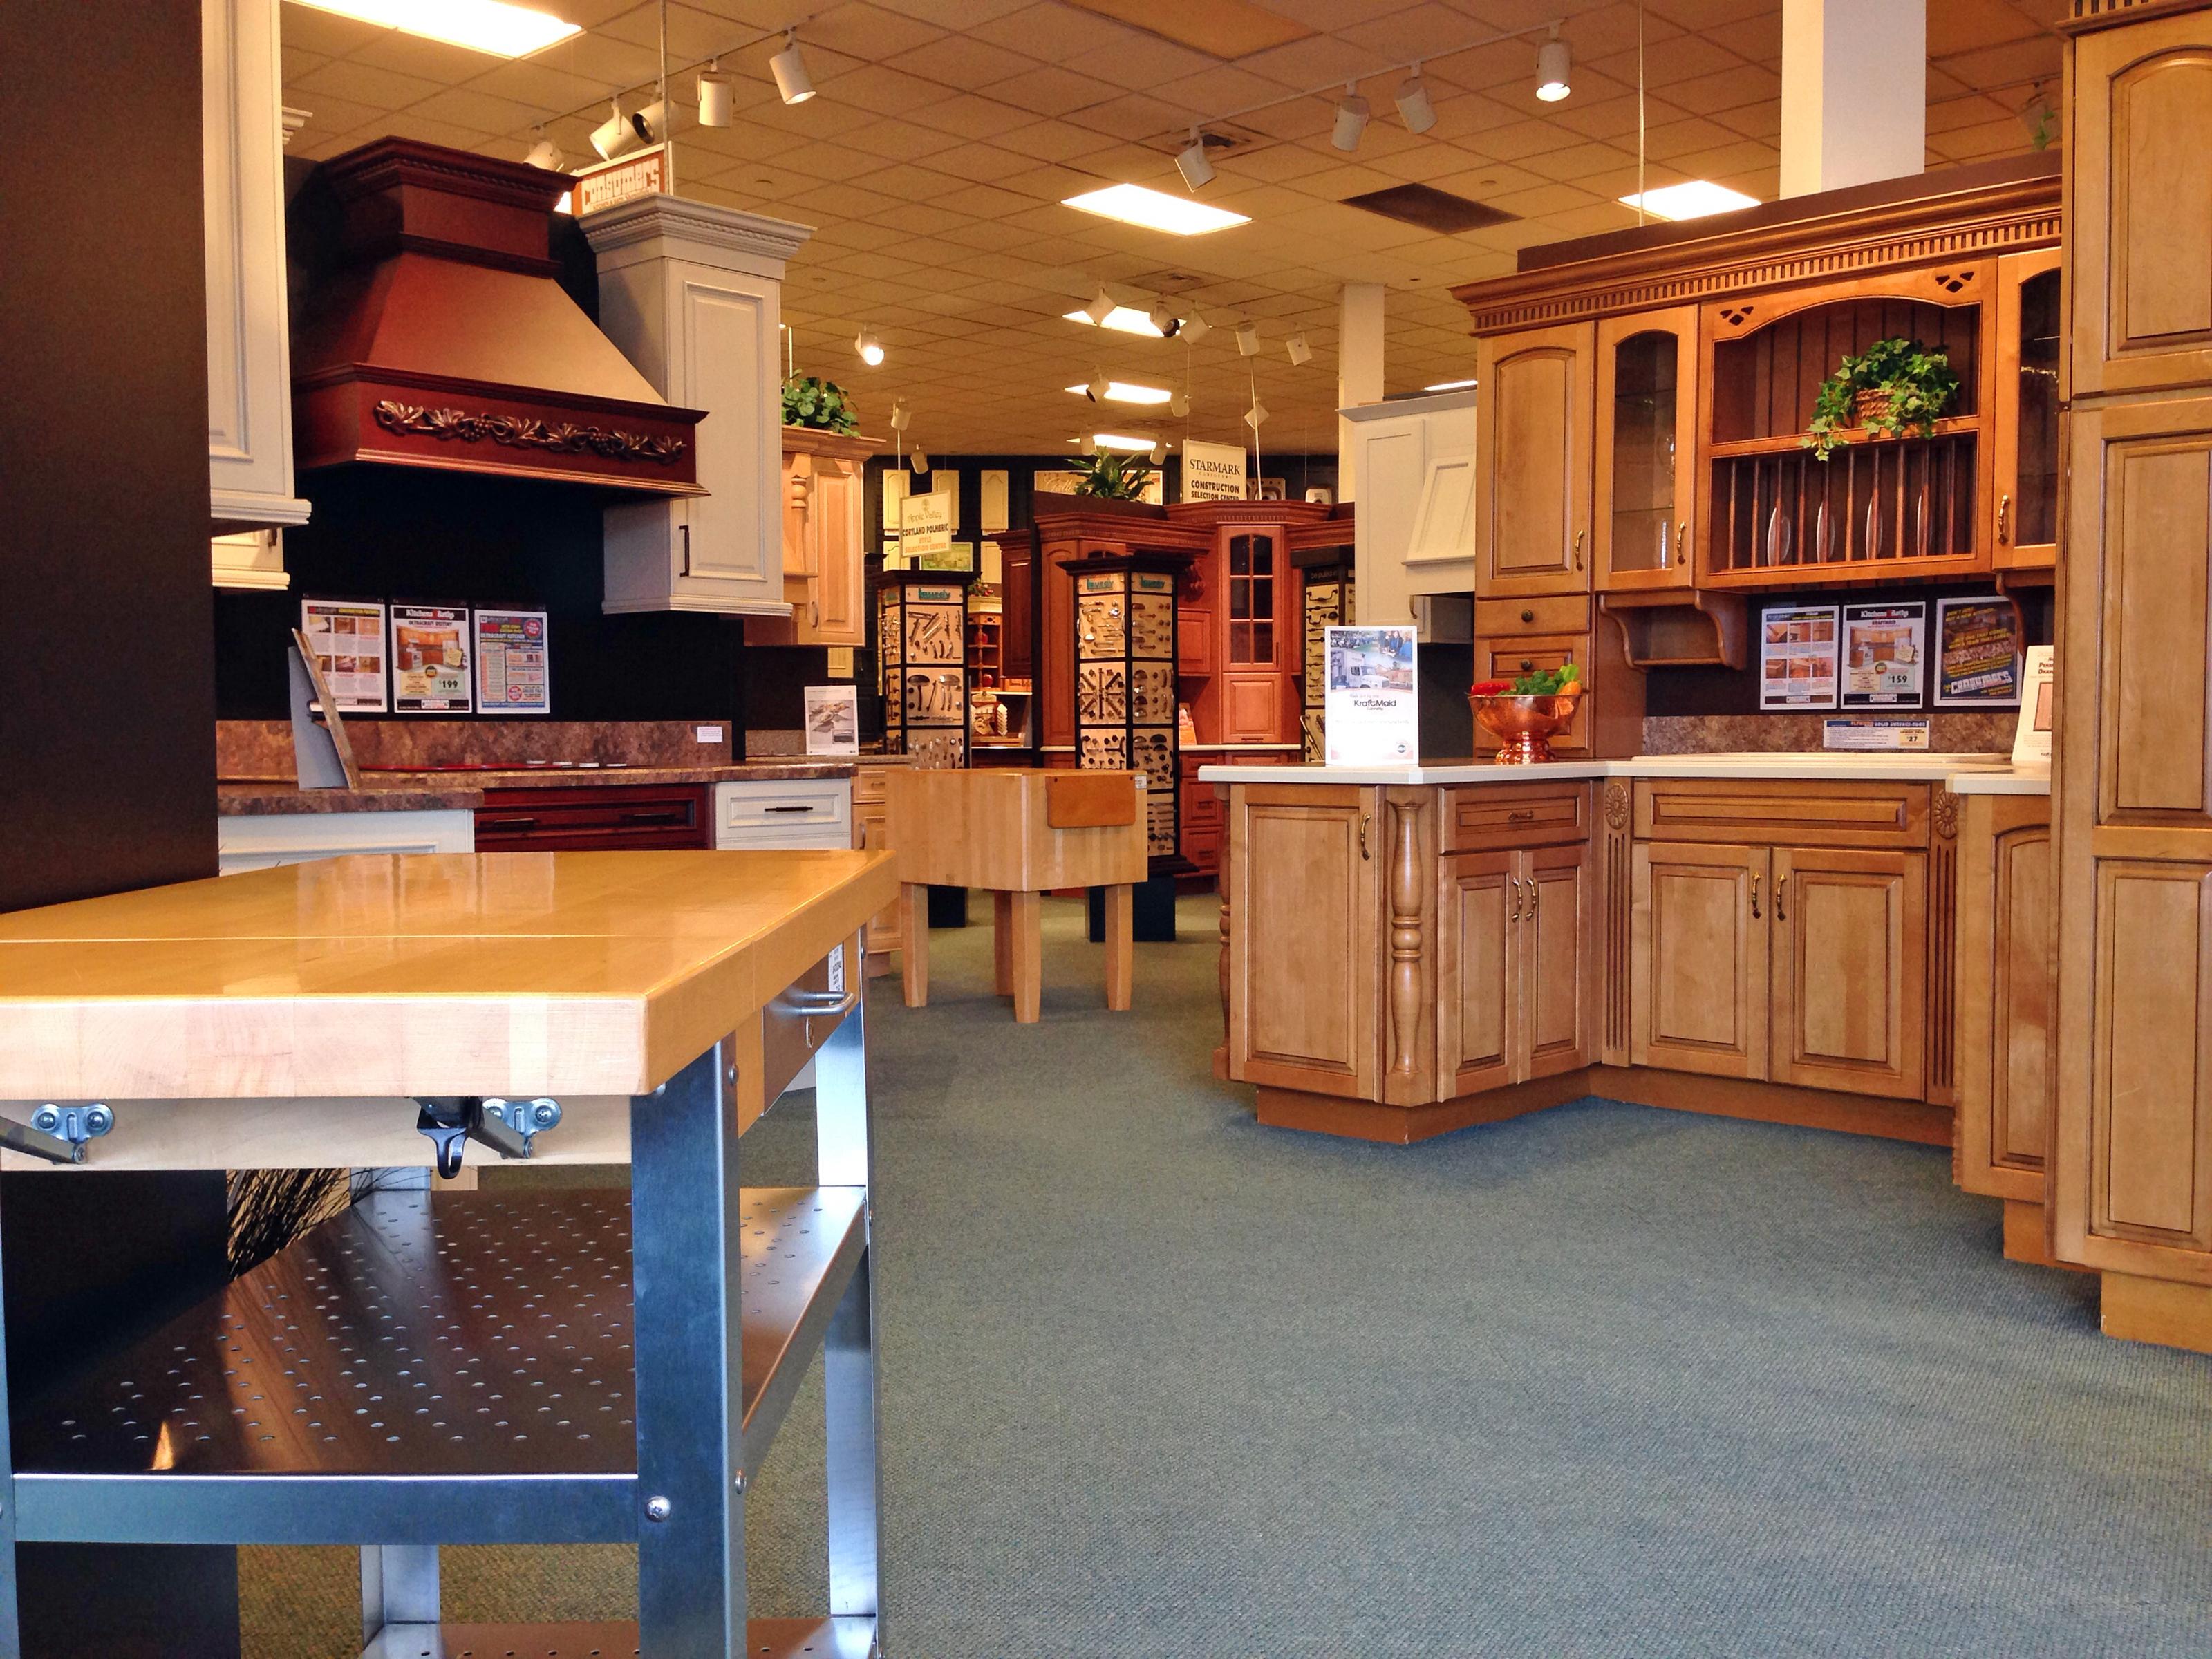 Consumers kitchens baths commack ny commack ny 11725 - Consumers kitchen and bath commack ...